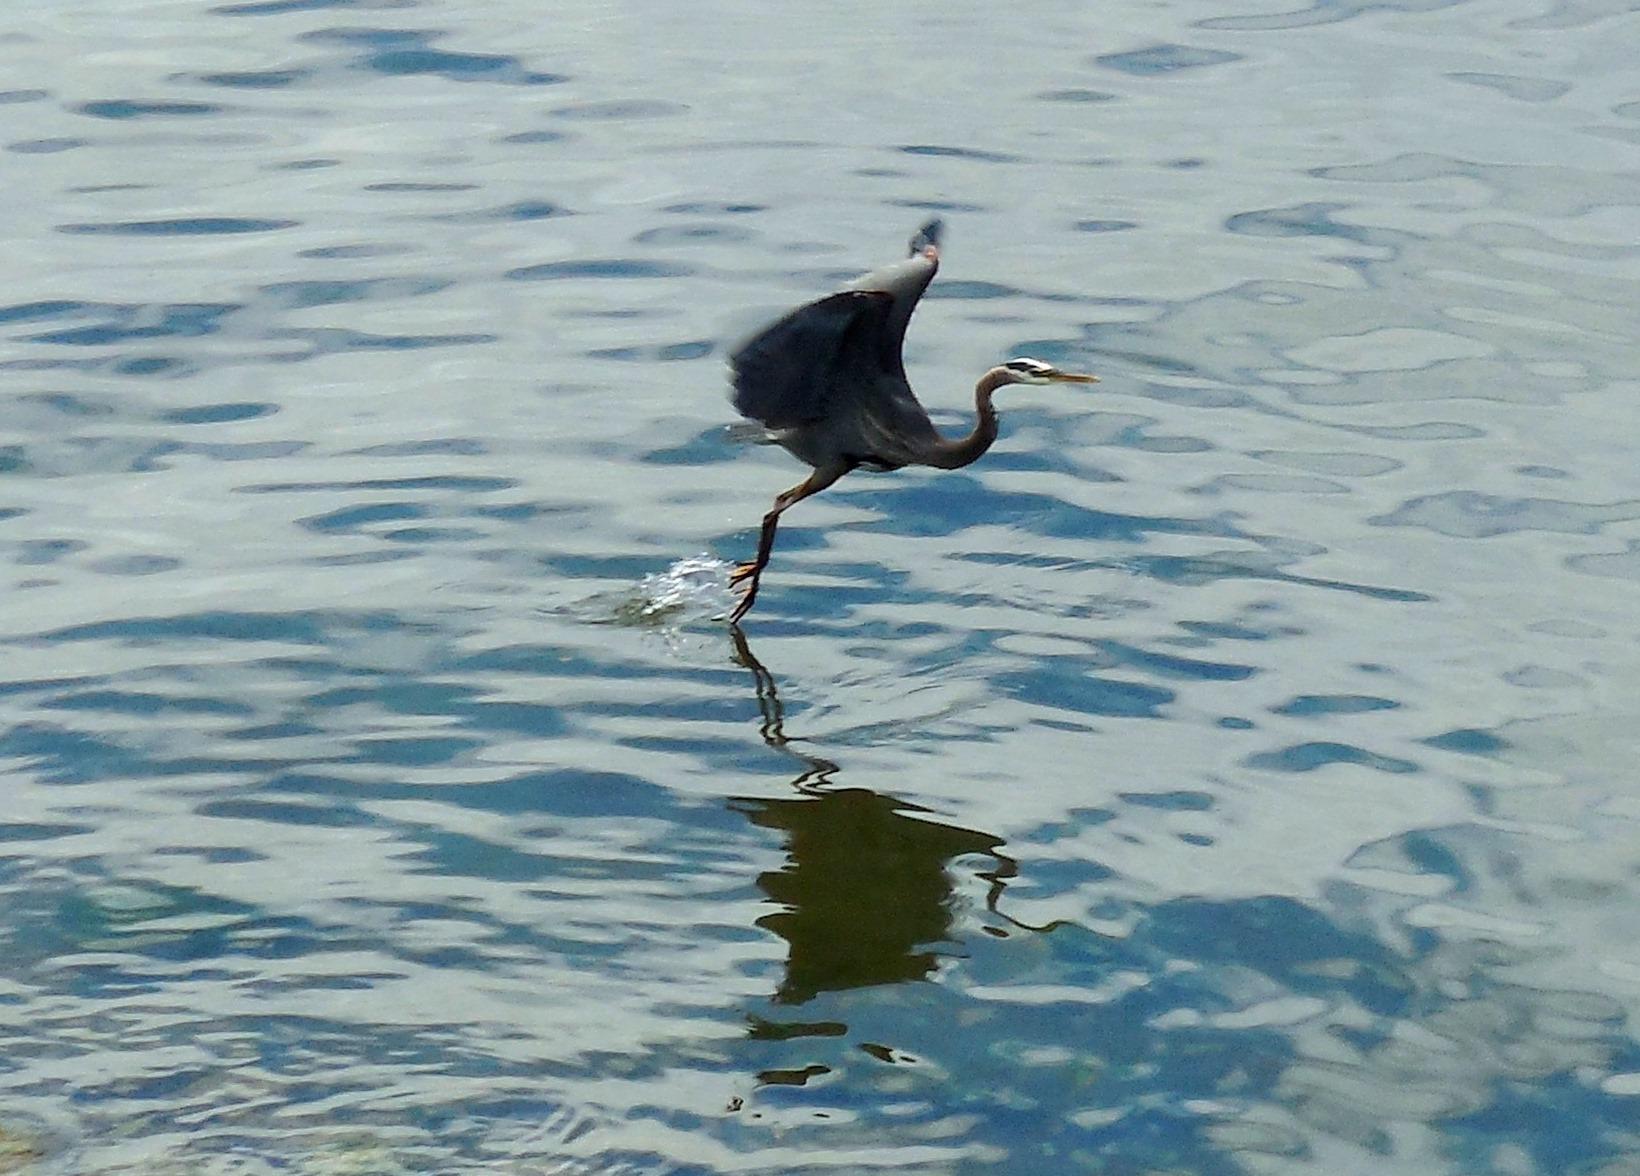 heron taking off